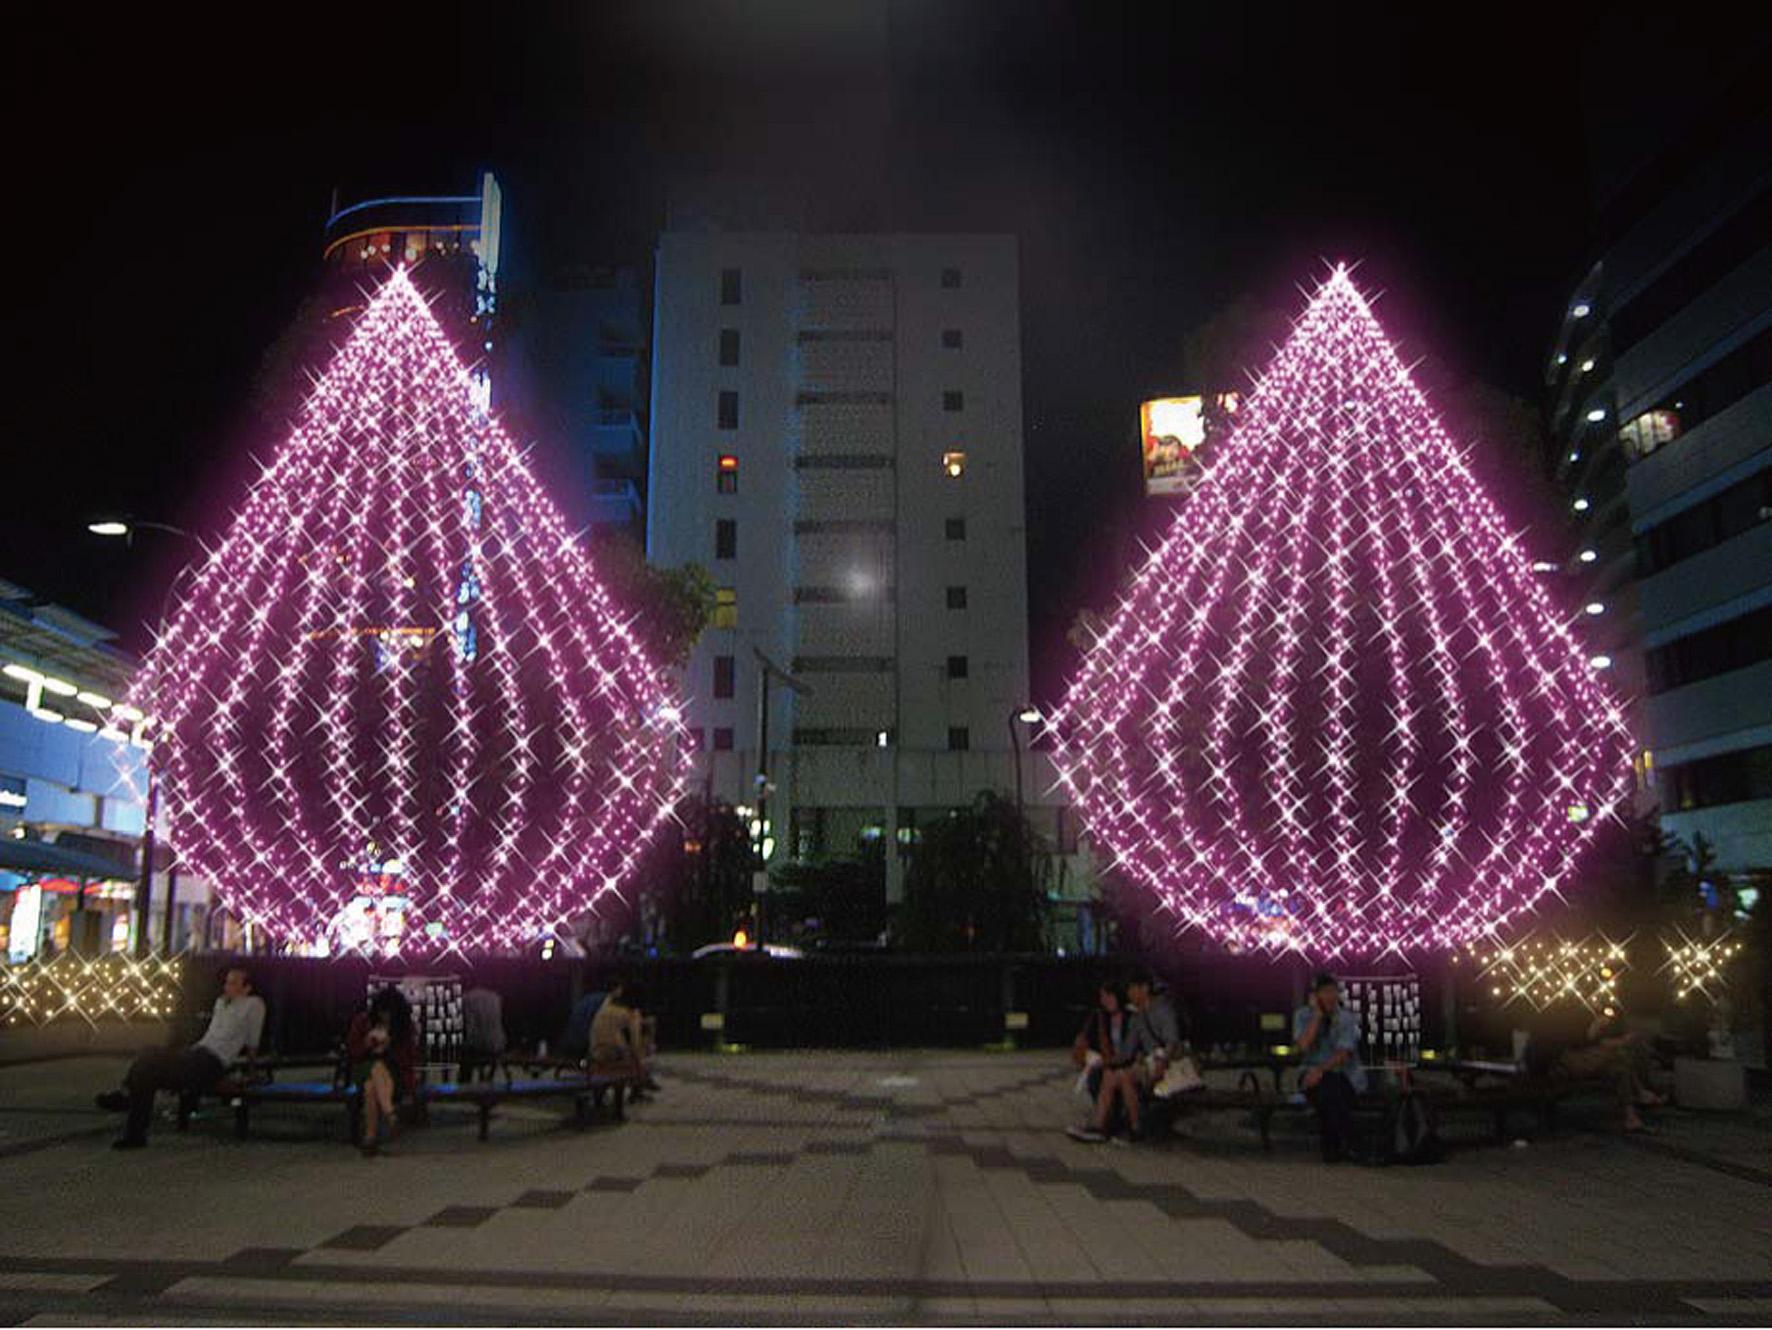 高円寺南口広場でイルミネーション点灯式が開催されます